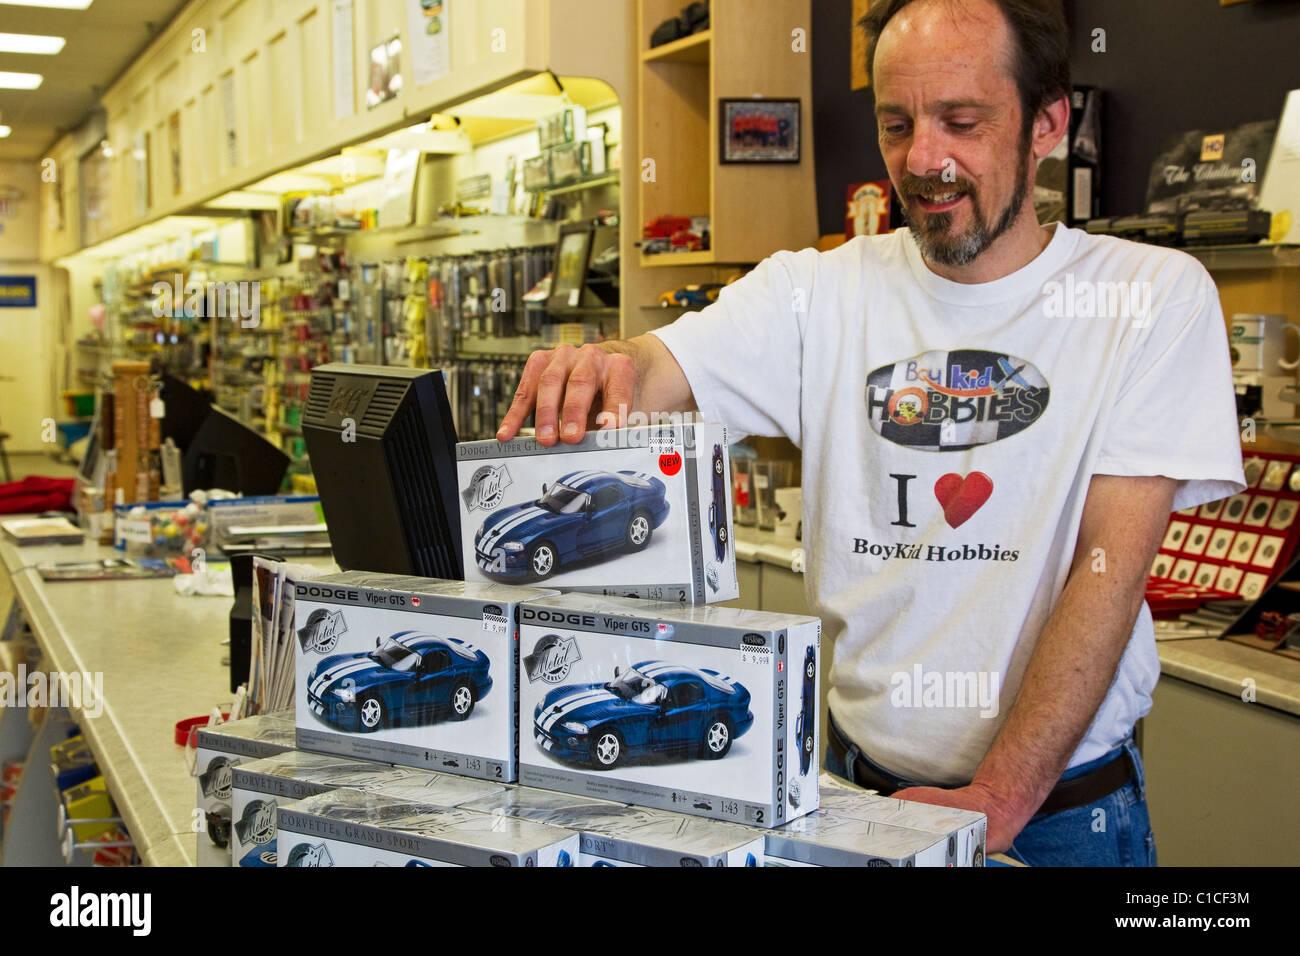 Tienda de modelismo tienda con visualización de modelos de autos de empleados Imagen De Stock